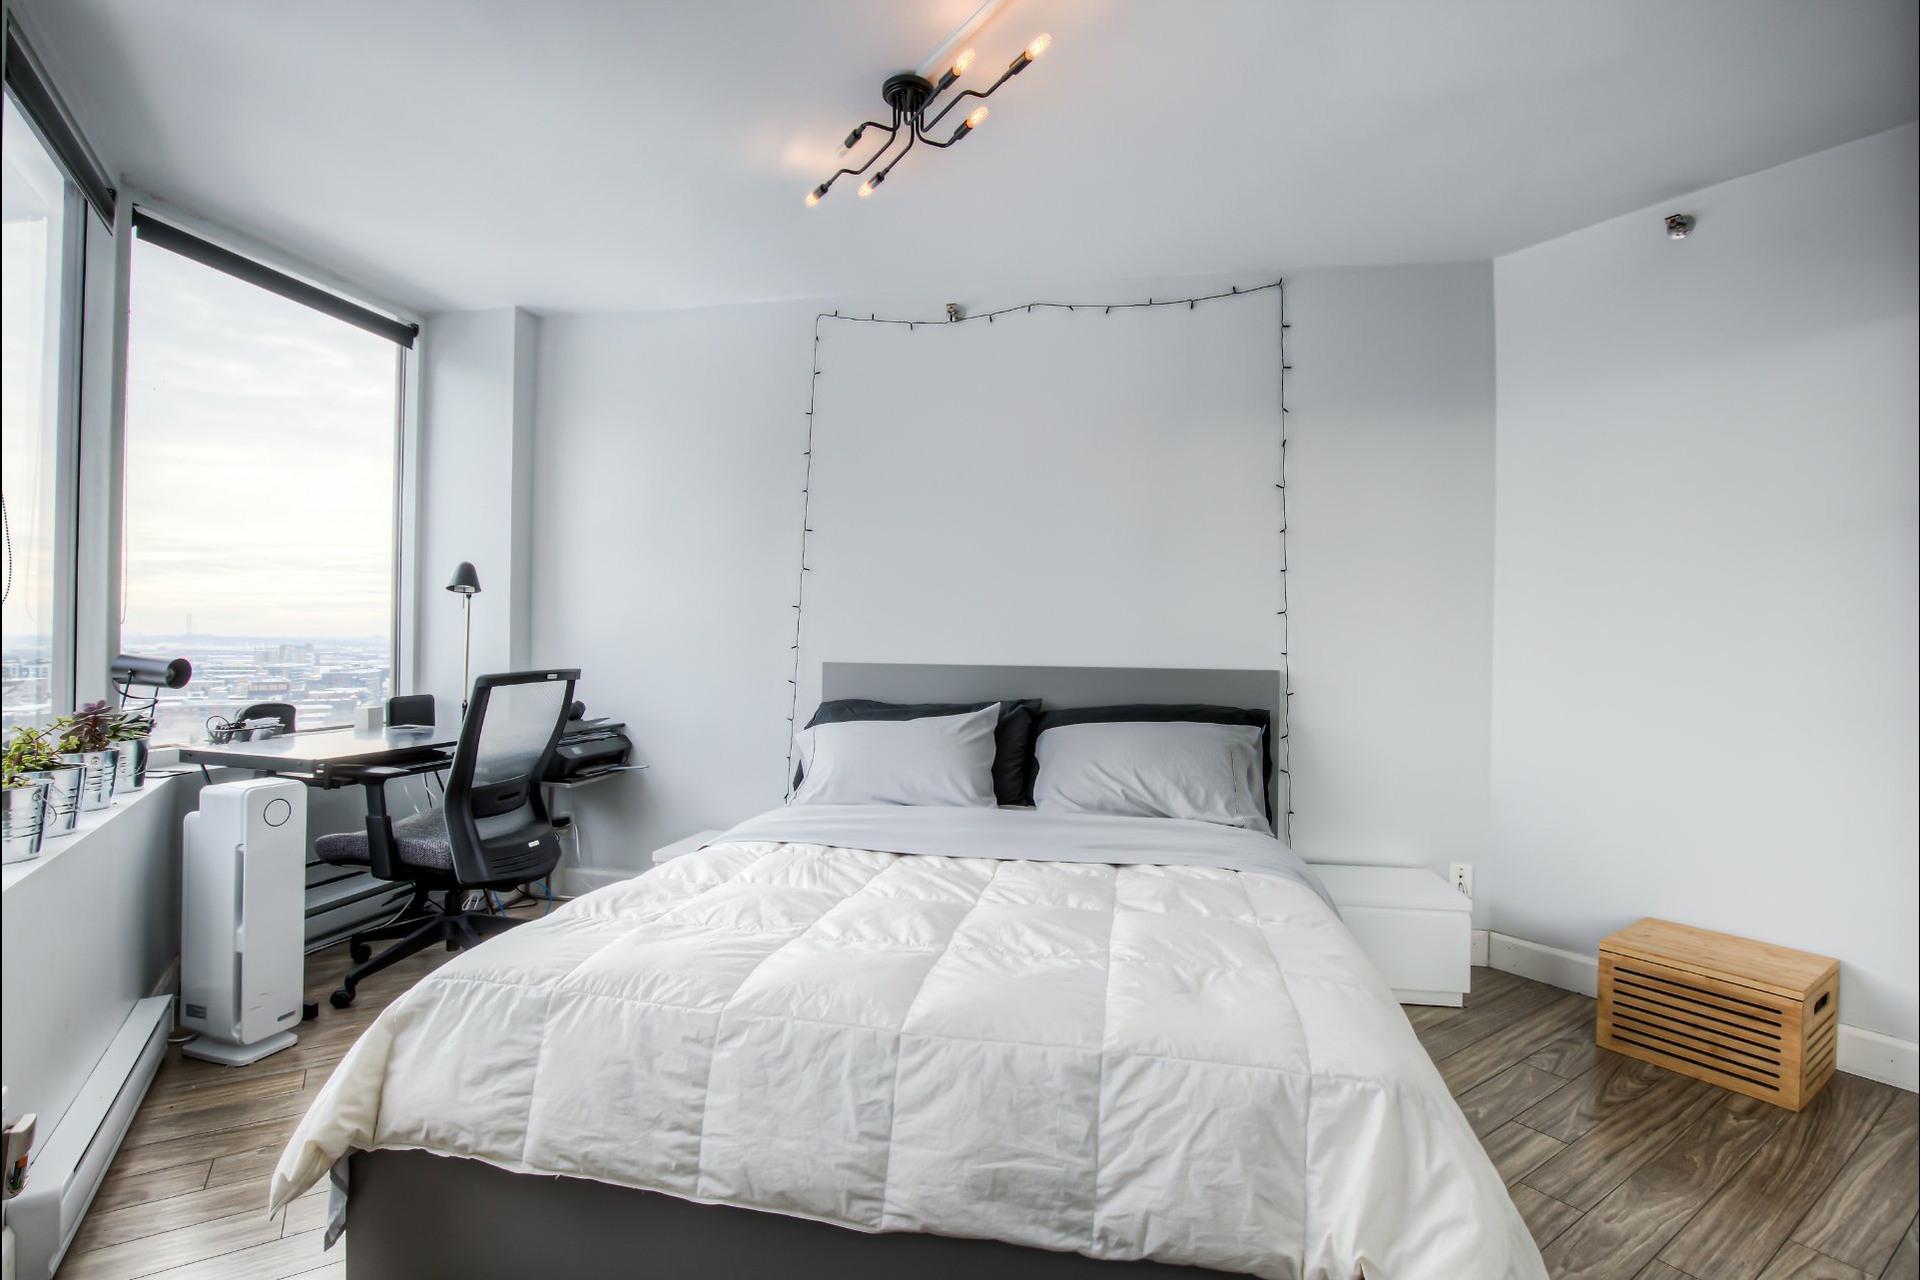 image 13 - Appartement À vendre Ville-Marie Montréal  - 5 pièces